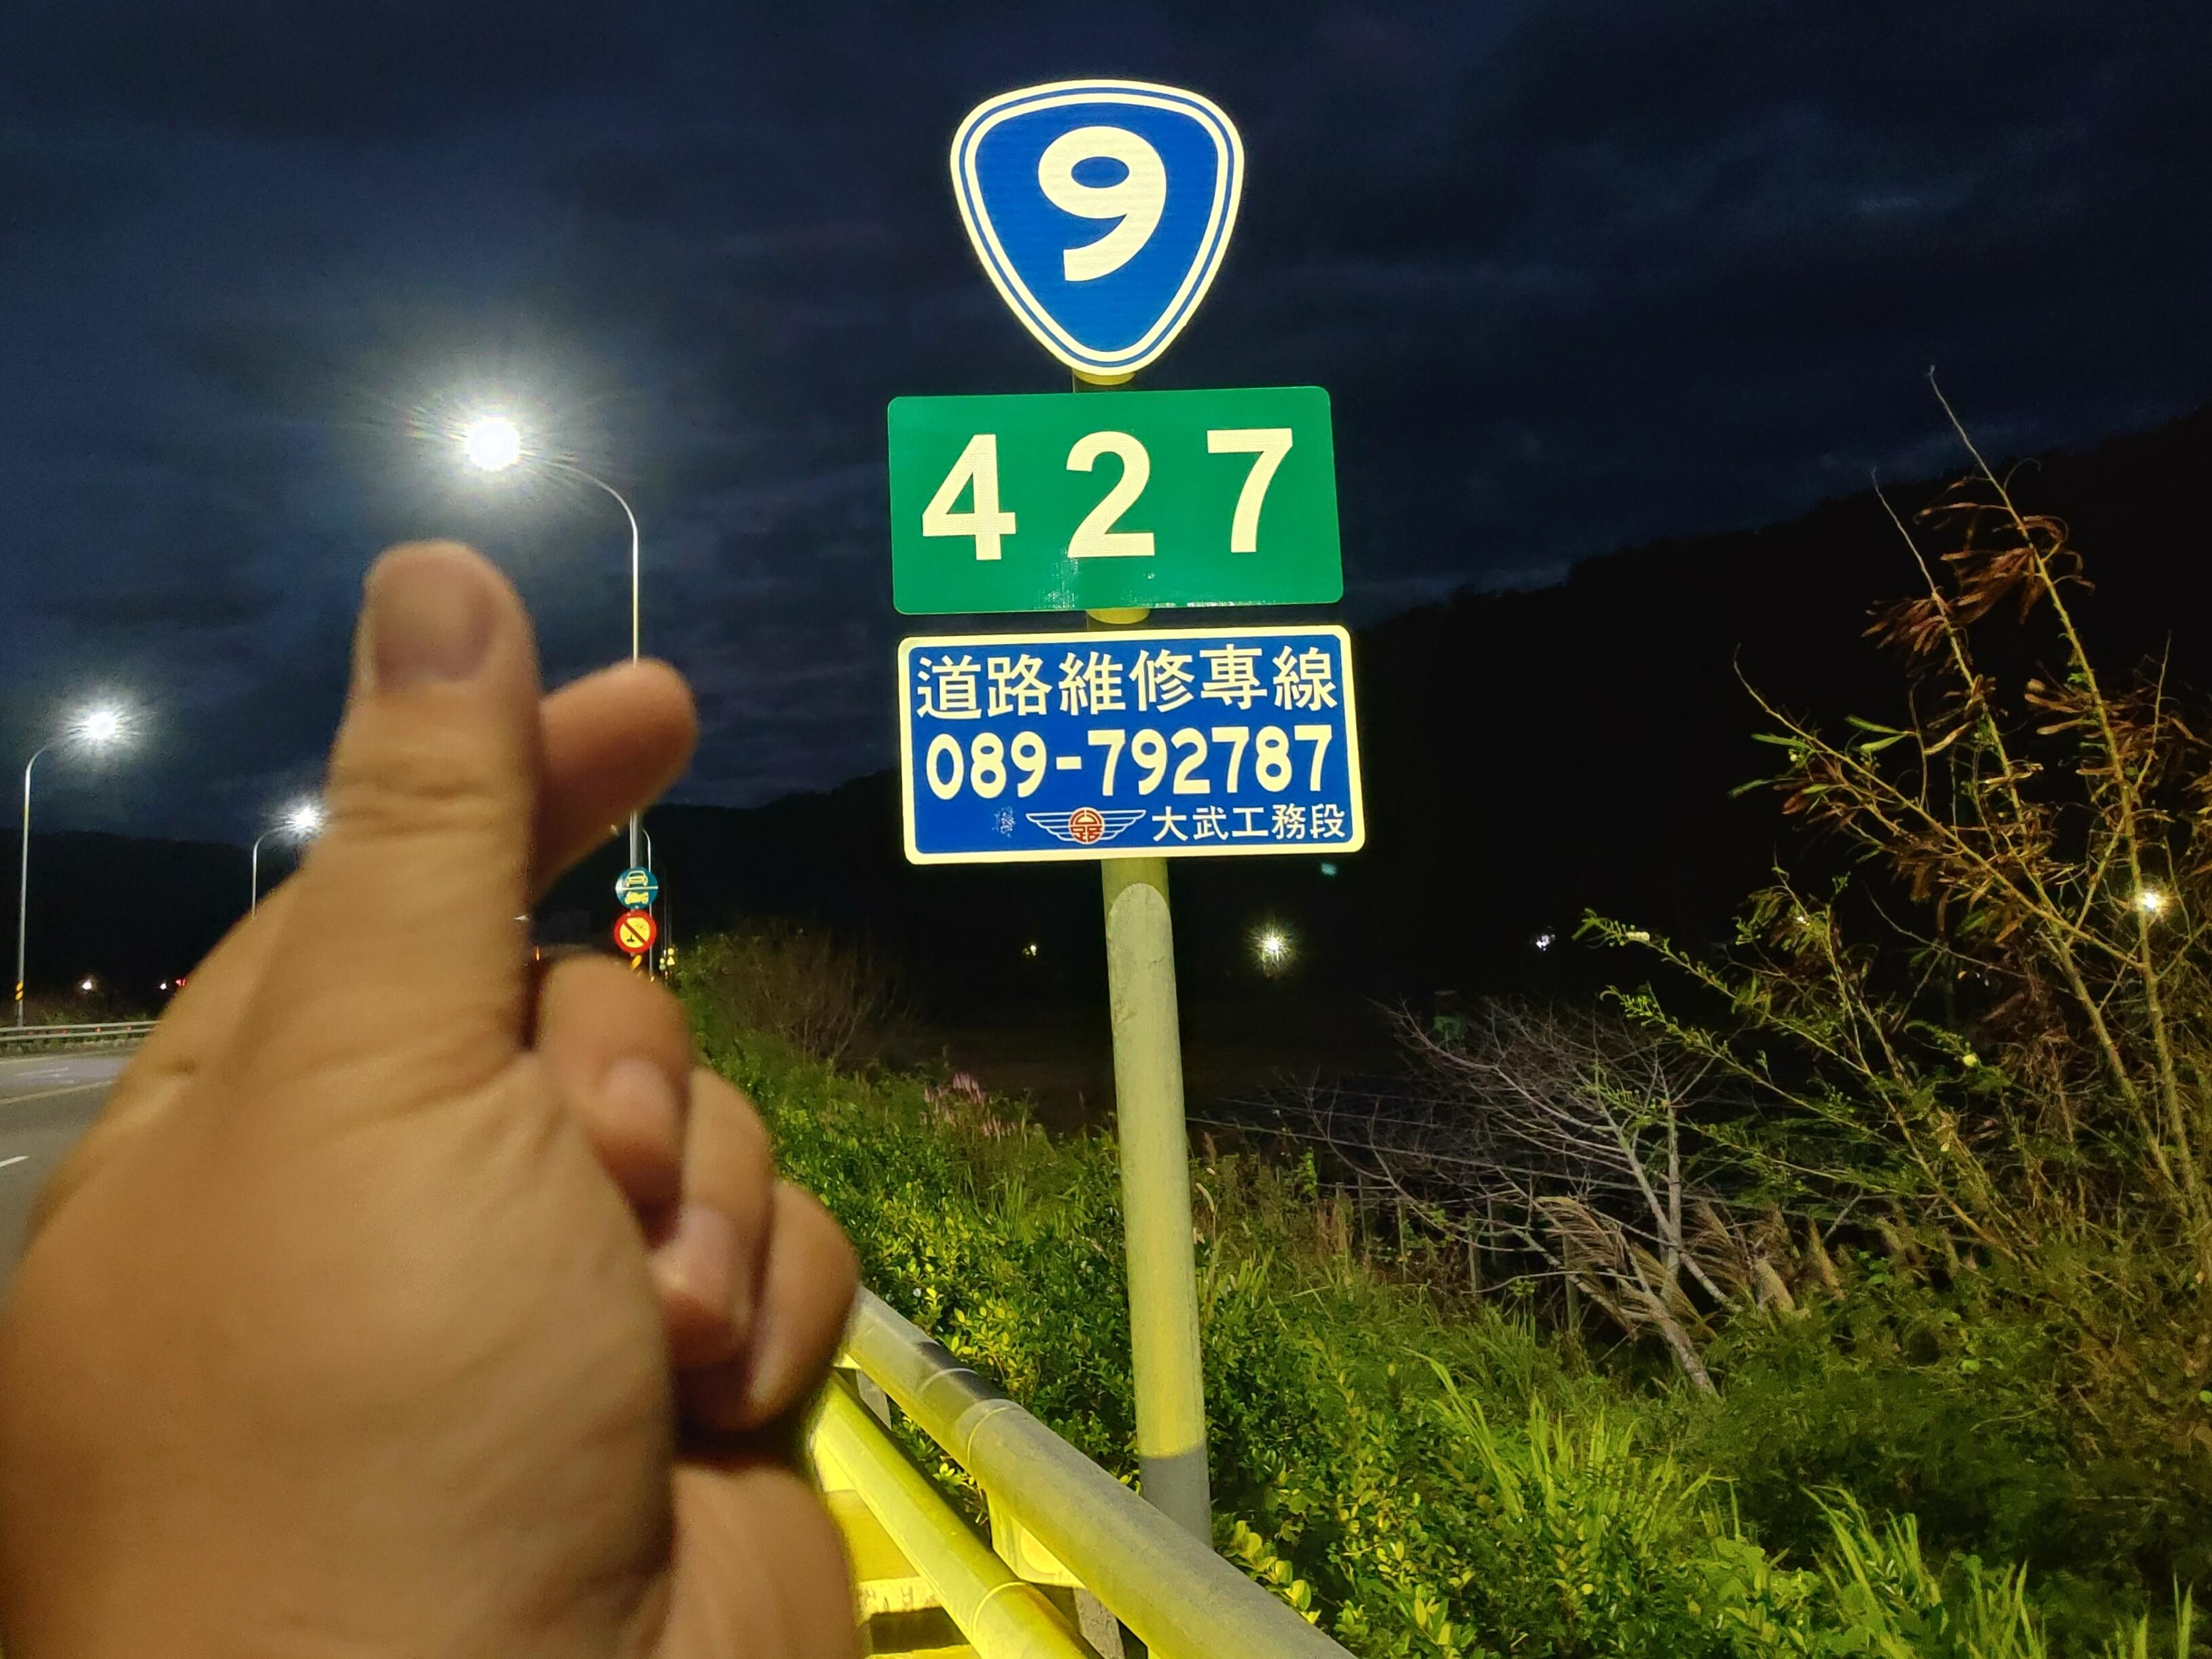 5th 走!去騎摩托車吧!六天五夜山海奇行環島之旅6905